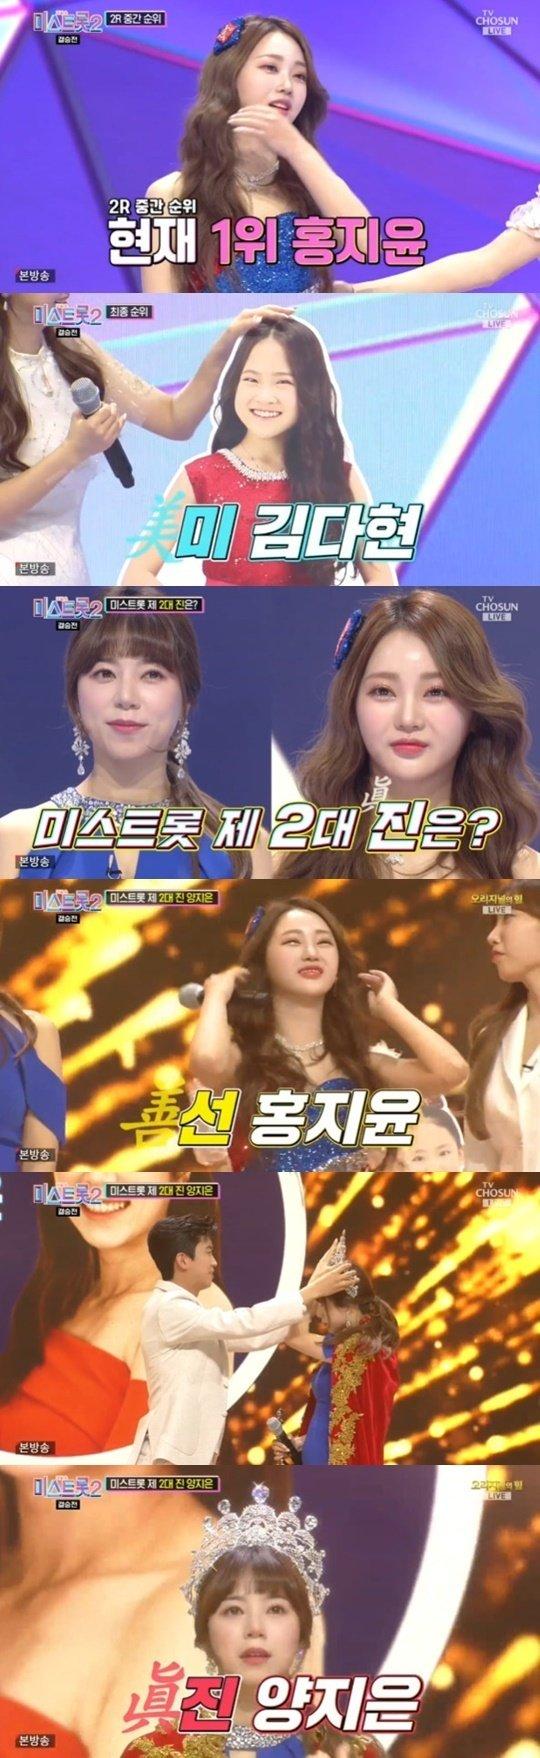 종영 '미스트롯2' 양지은, 최종 우승…임영웅, 眞 왕관 전달